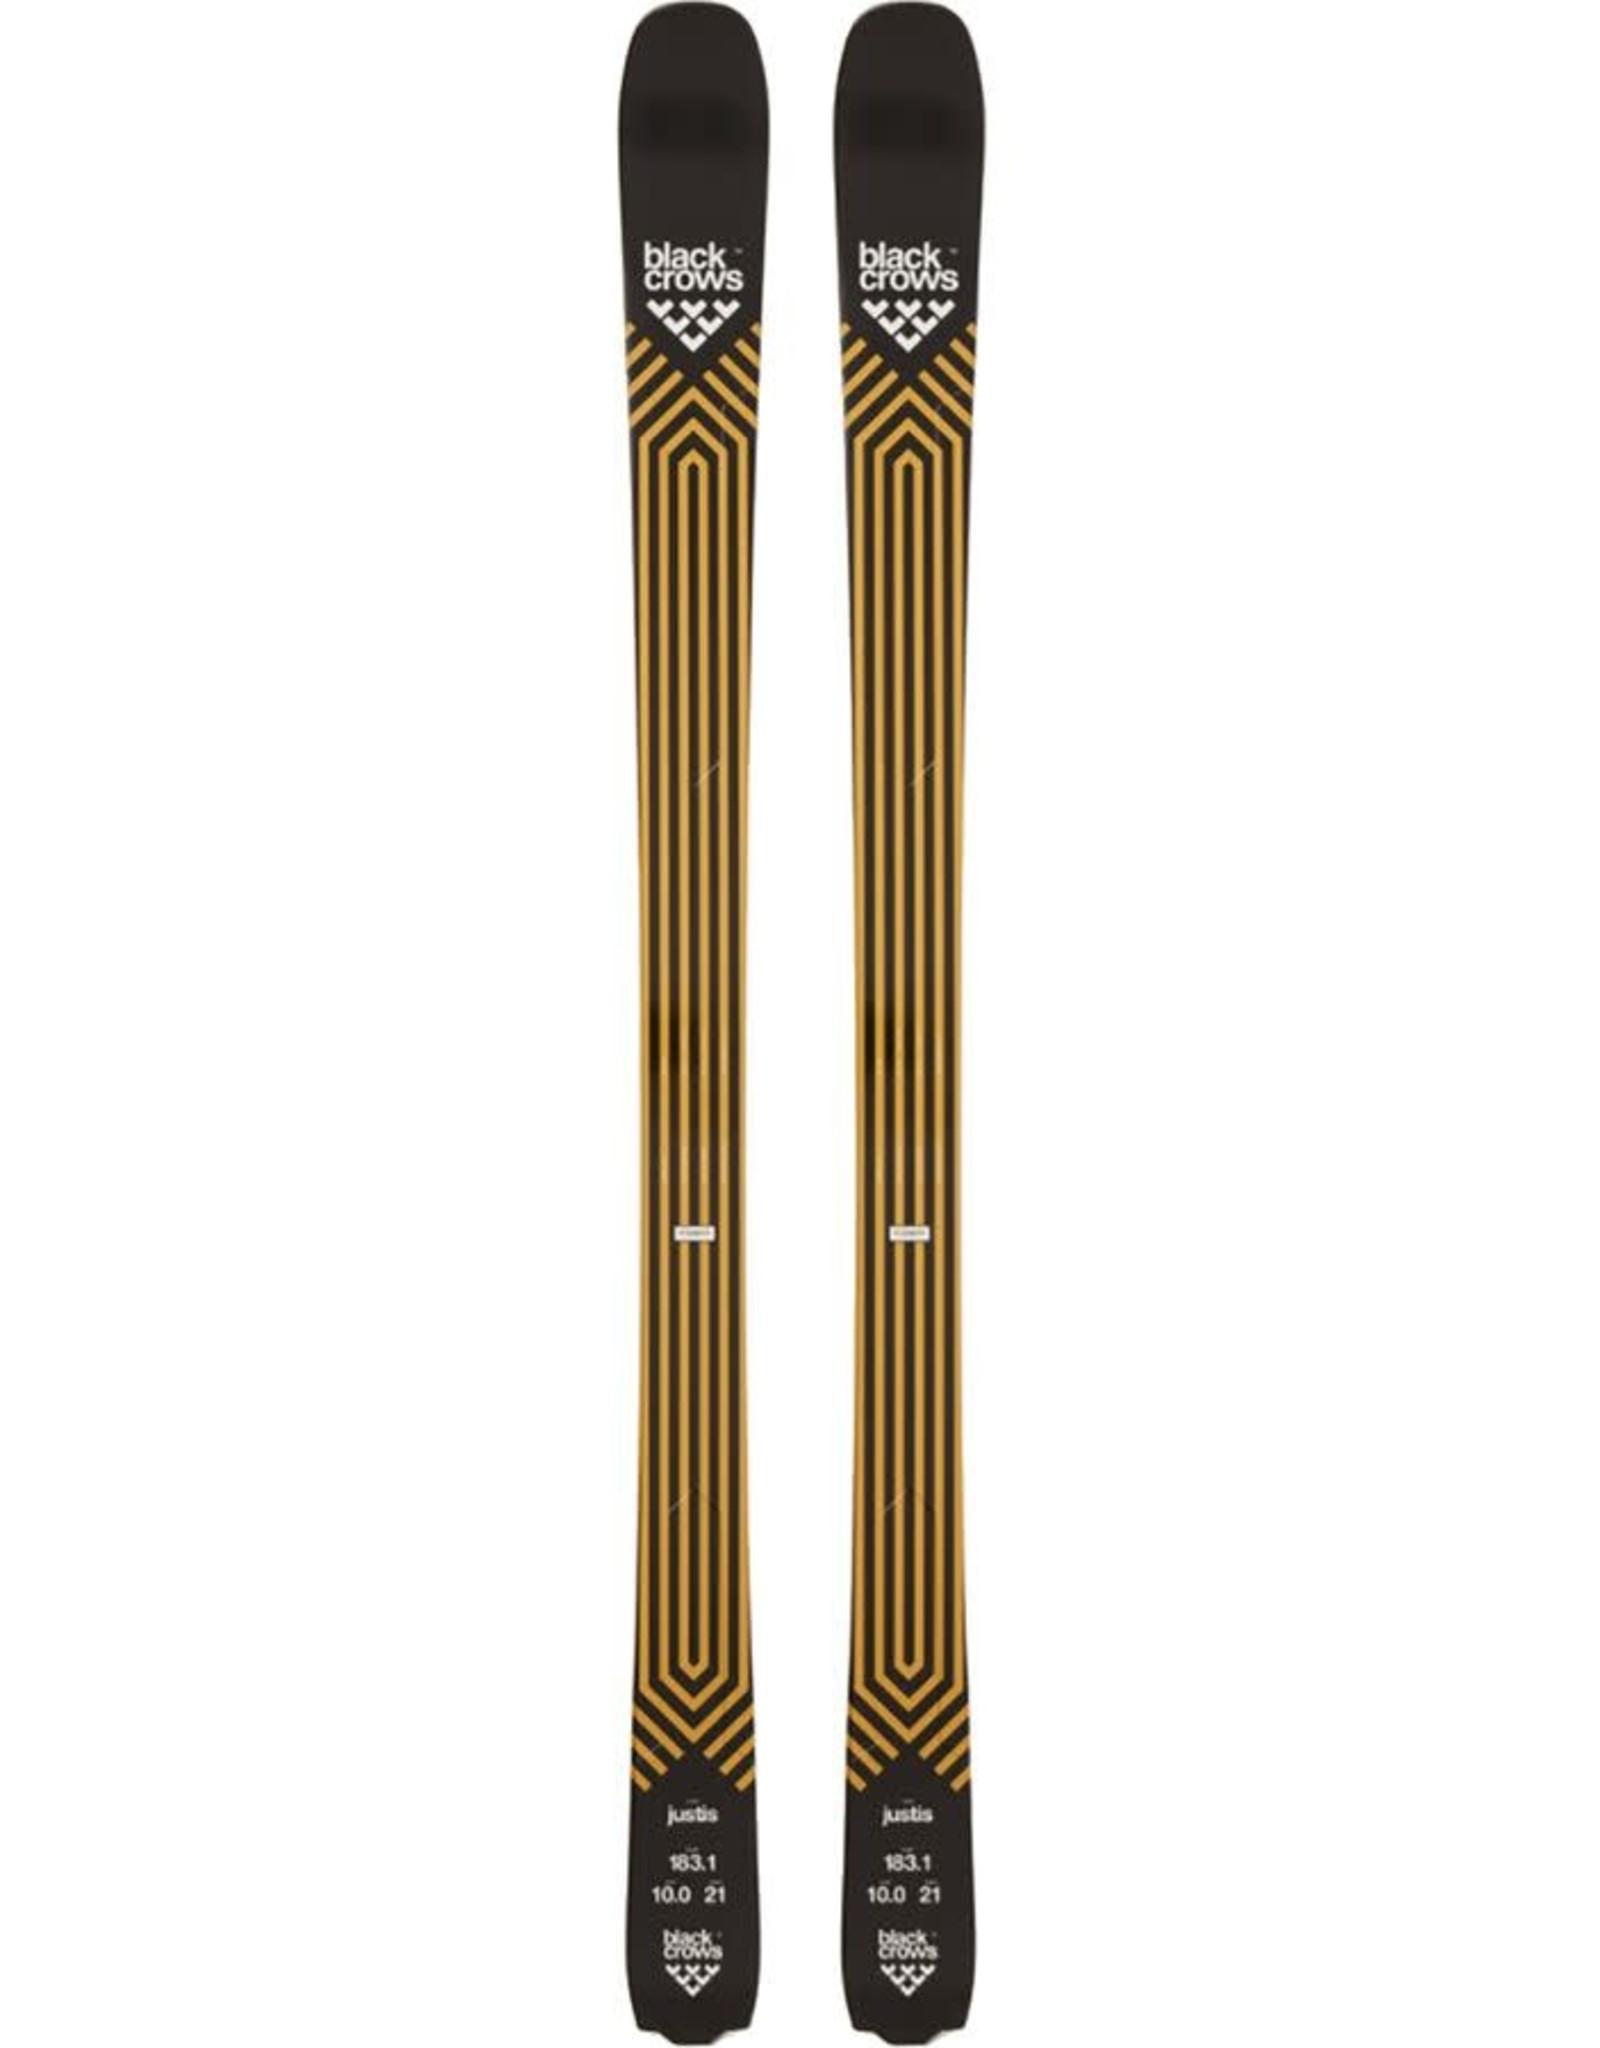 BLACK CROWS BLACK CROWS Skis JUSTIS (20/21)